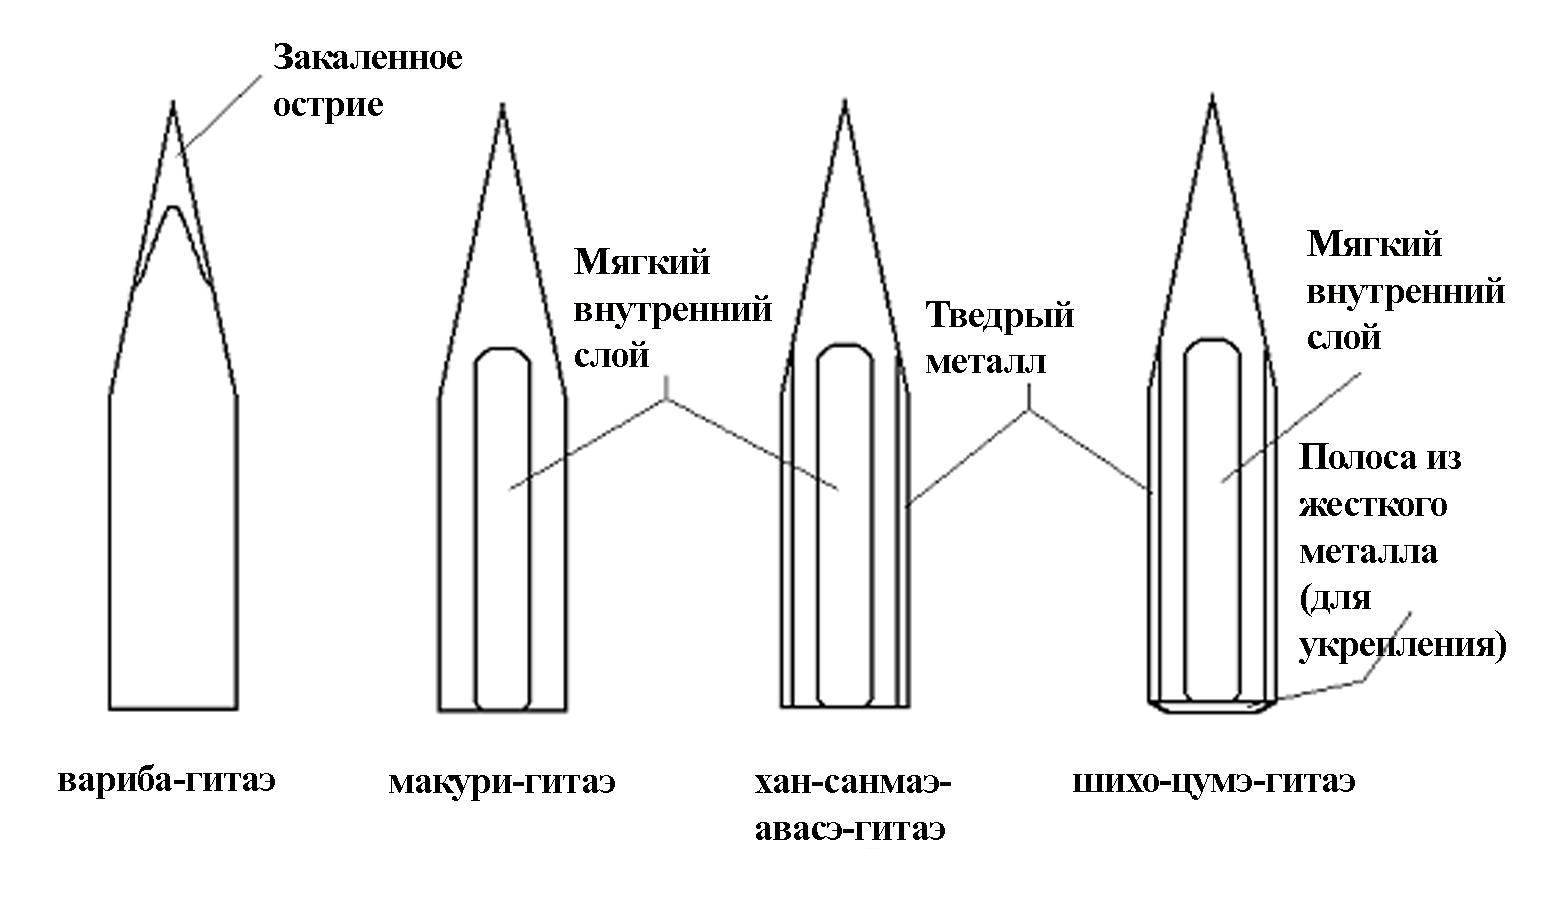 Katana Diagramm Rus